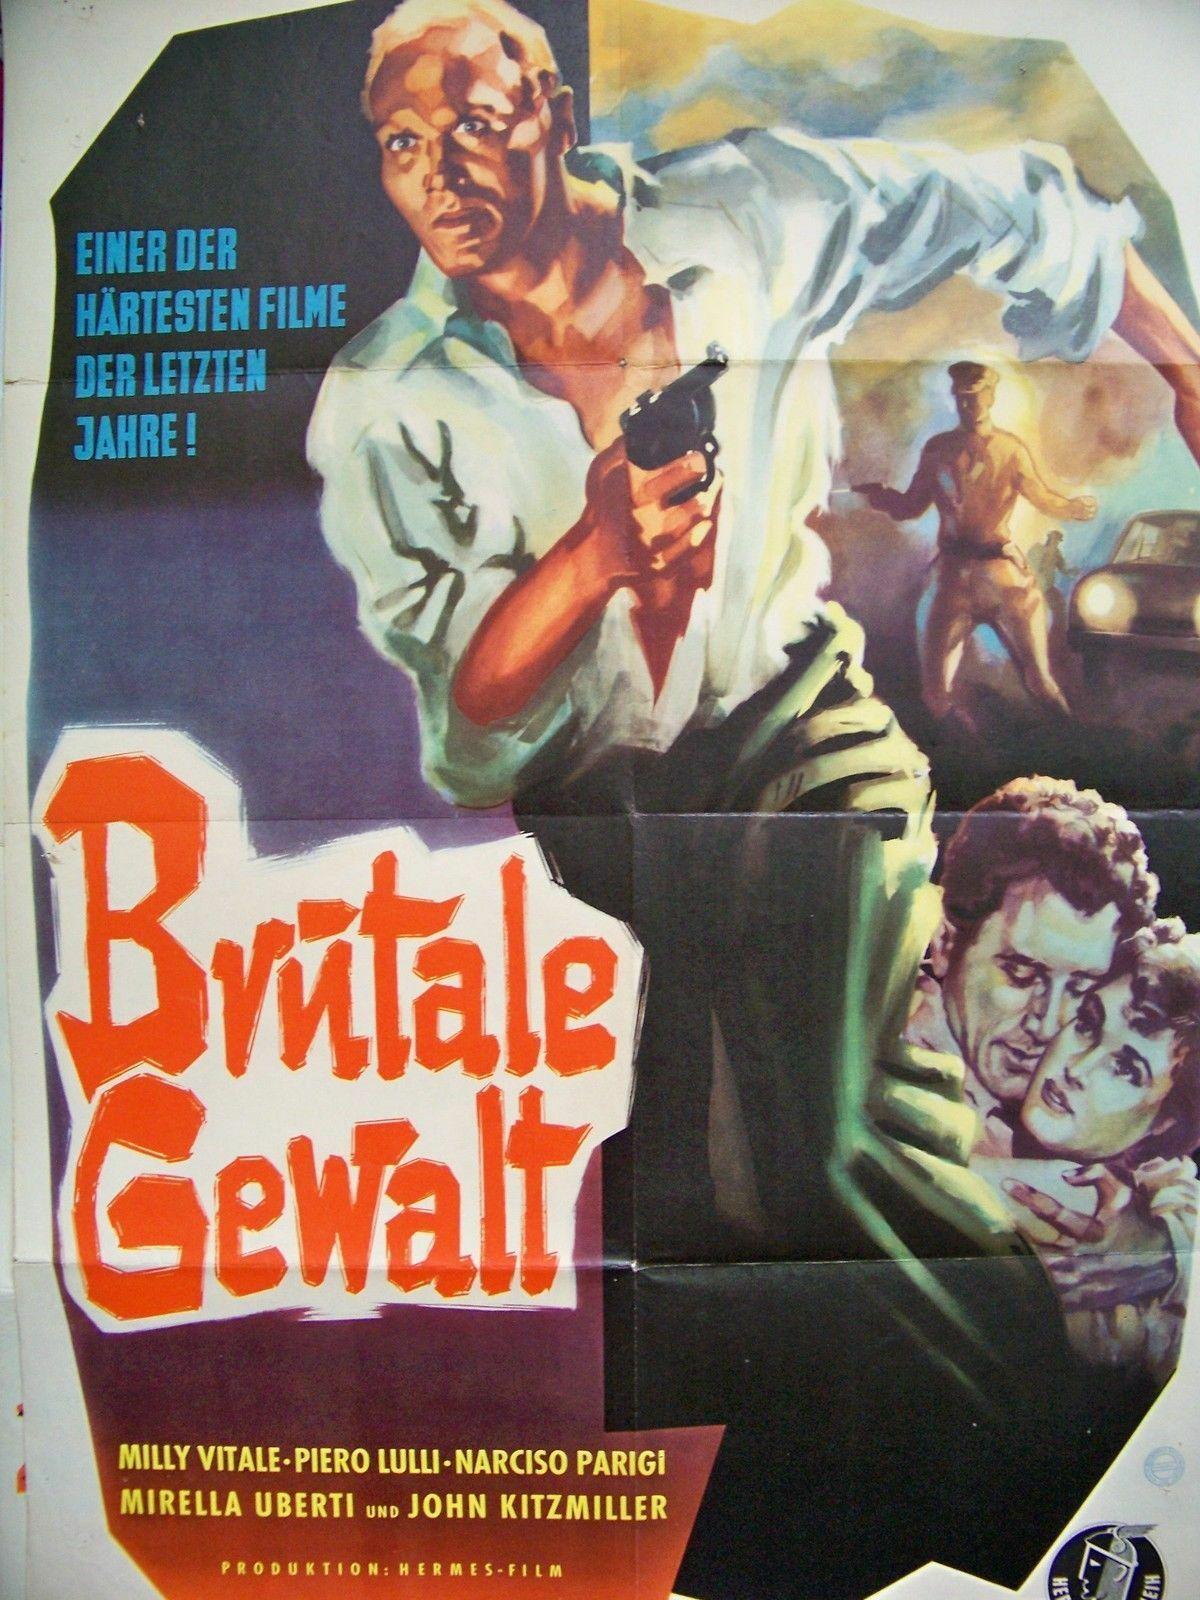 Acque amare (1954)